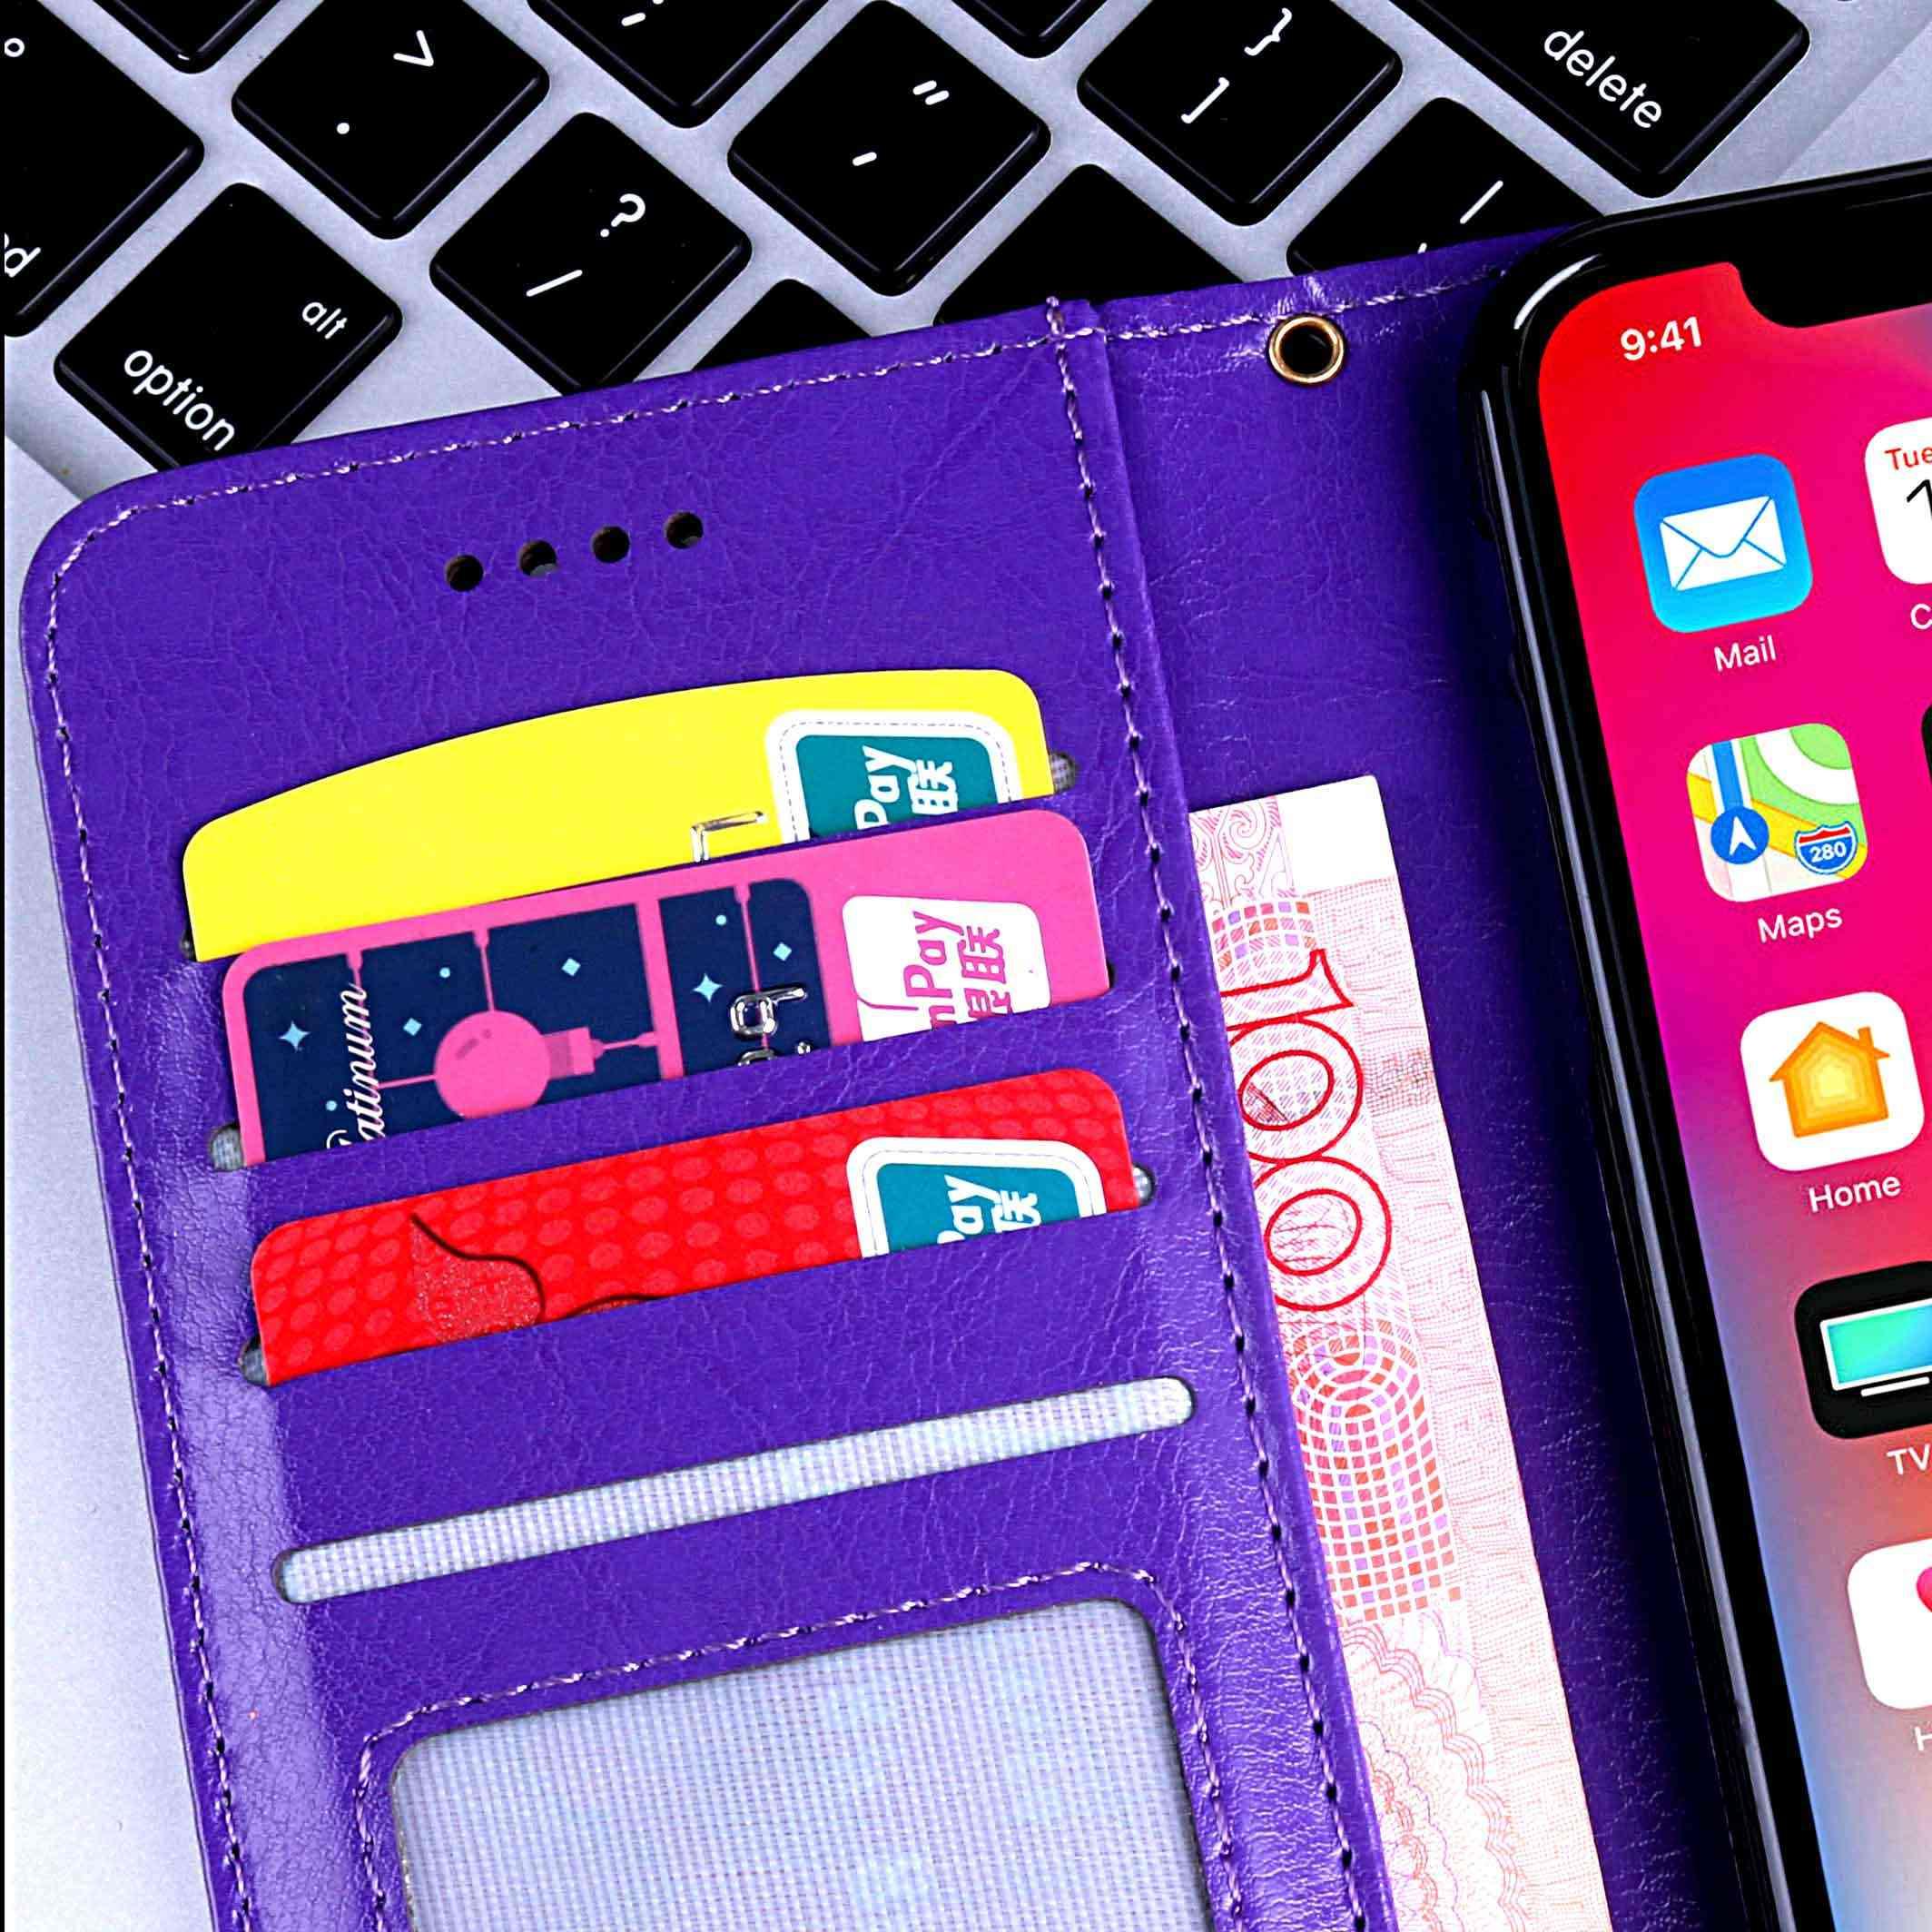 2019 新華為 Psmart Psmart + 財布ケースとカードポケットキックスタンドハイインパクト品質 3 色ダイヤモンド光沢のある電話ケース